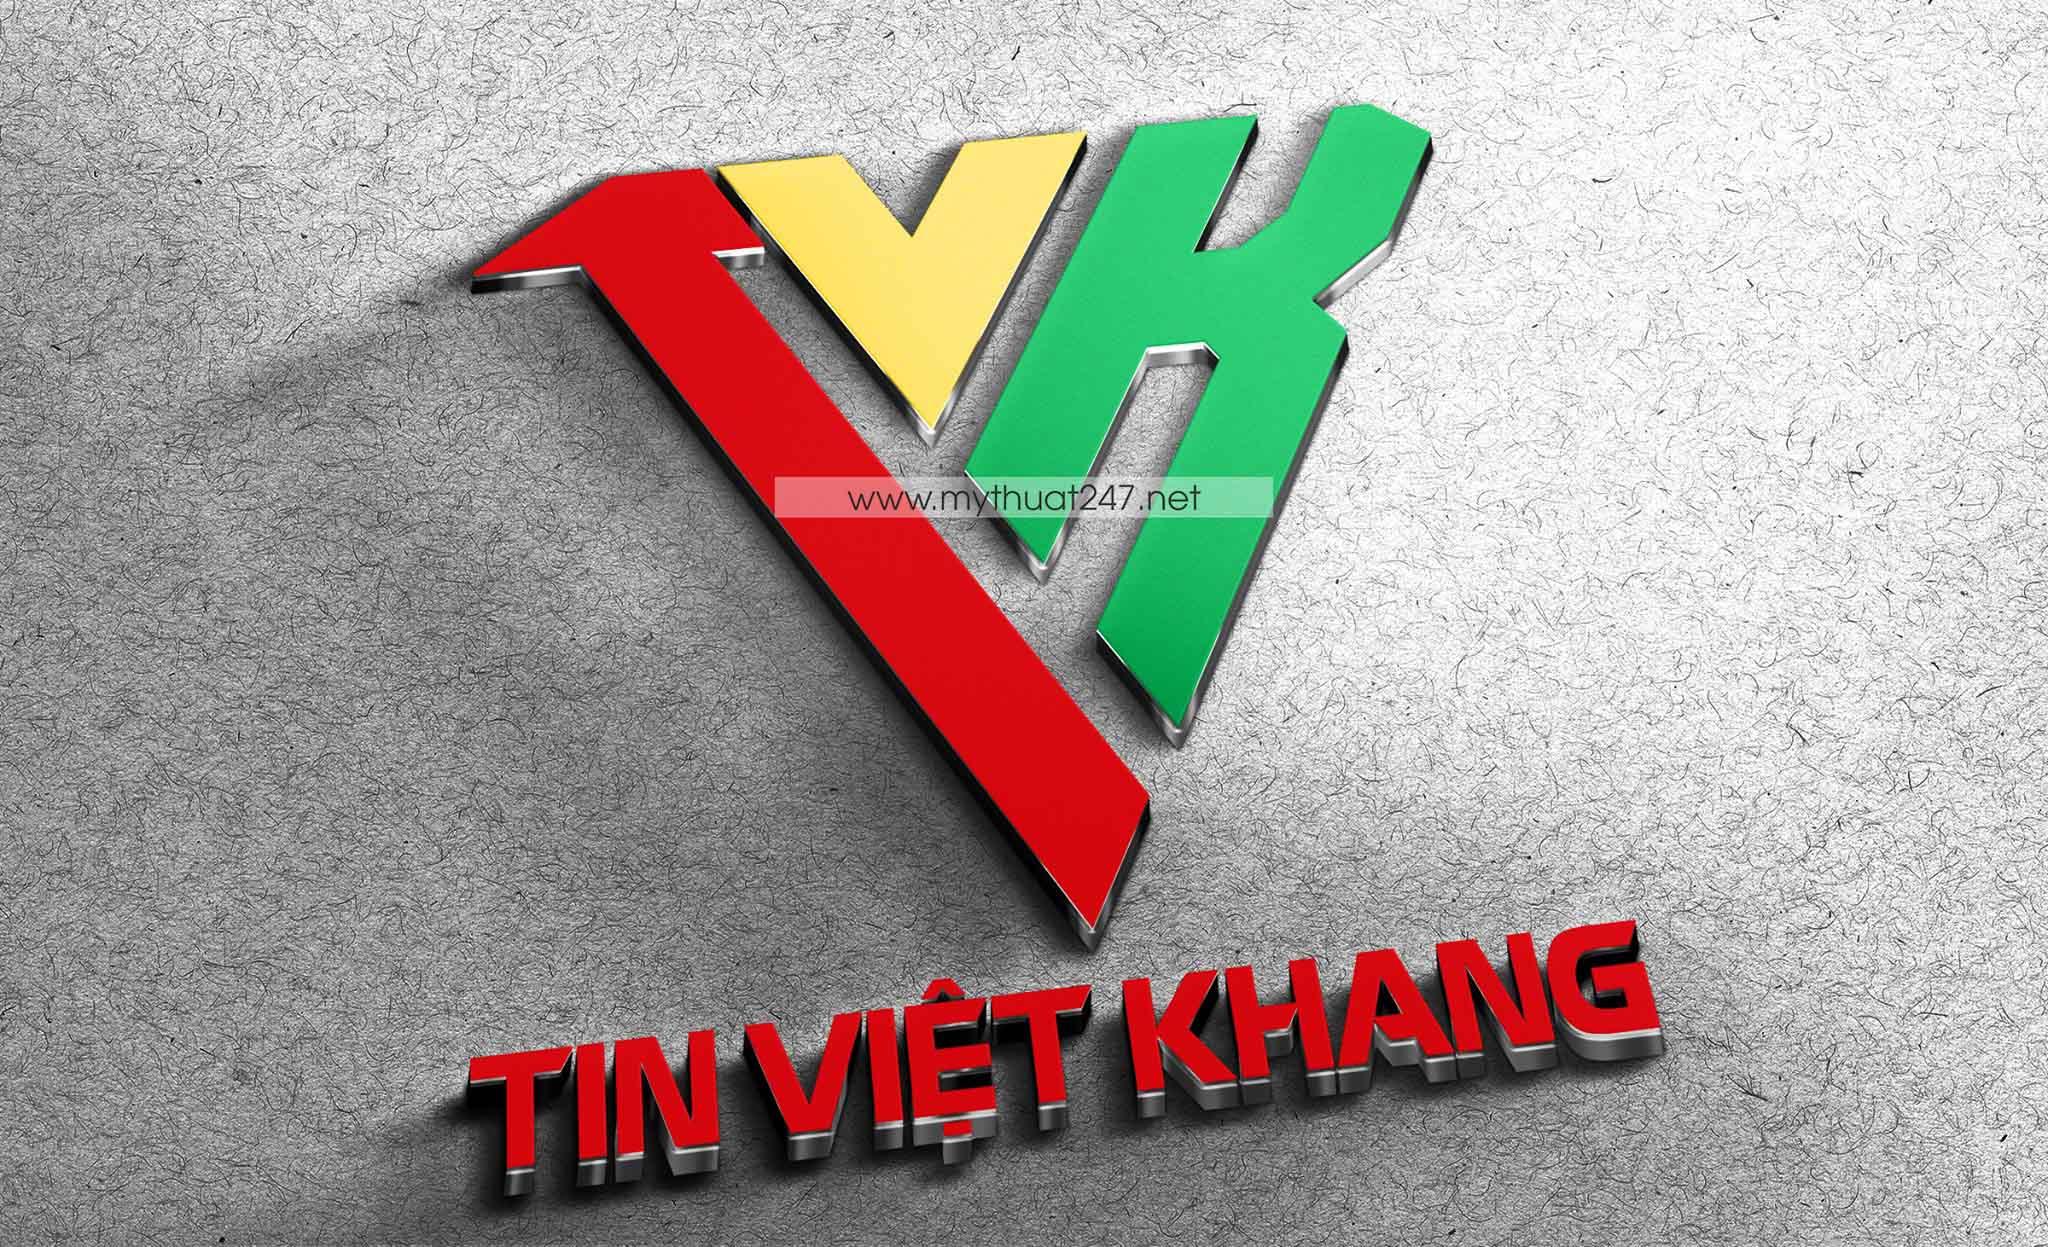 Thiết Kế Logo công ty tin việt khang